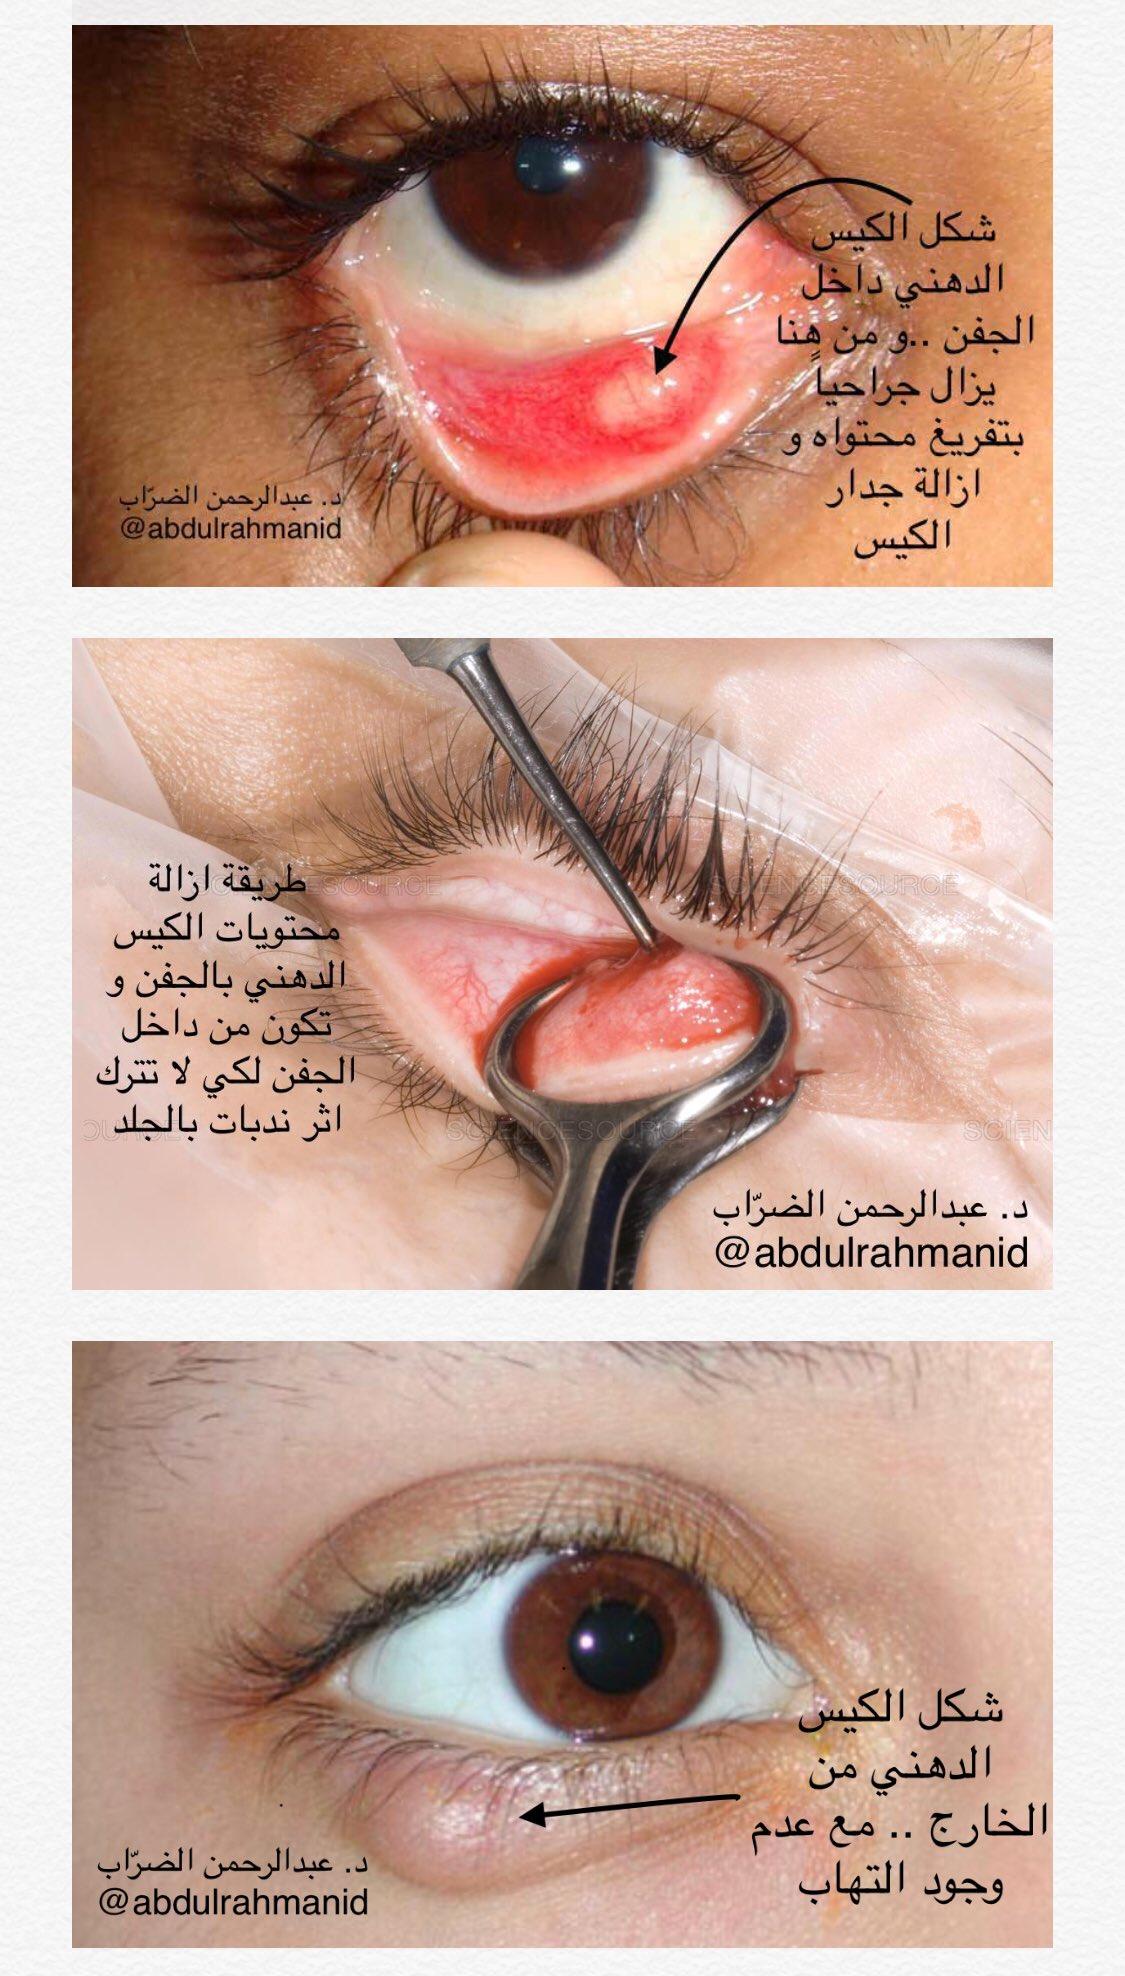 د عبدالرحمن الضر اب Dr Abdulrahman Aldarrab A Twitter الأكياس الدهنية بالجفون اسبابها و طرق علاجها صحة السعودية